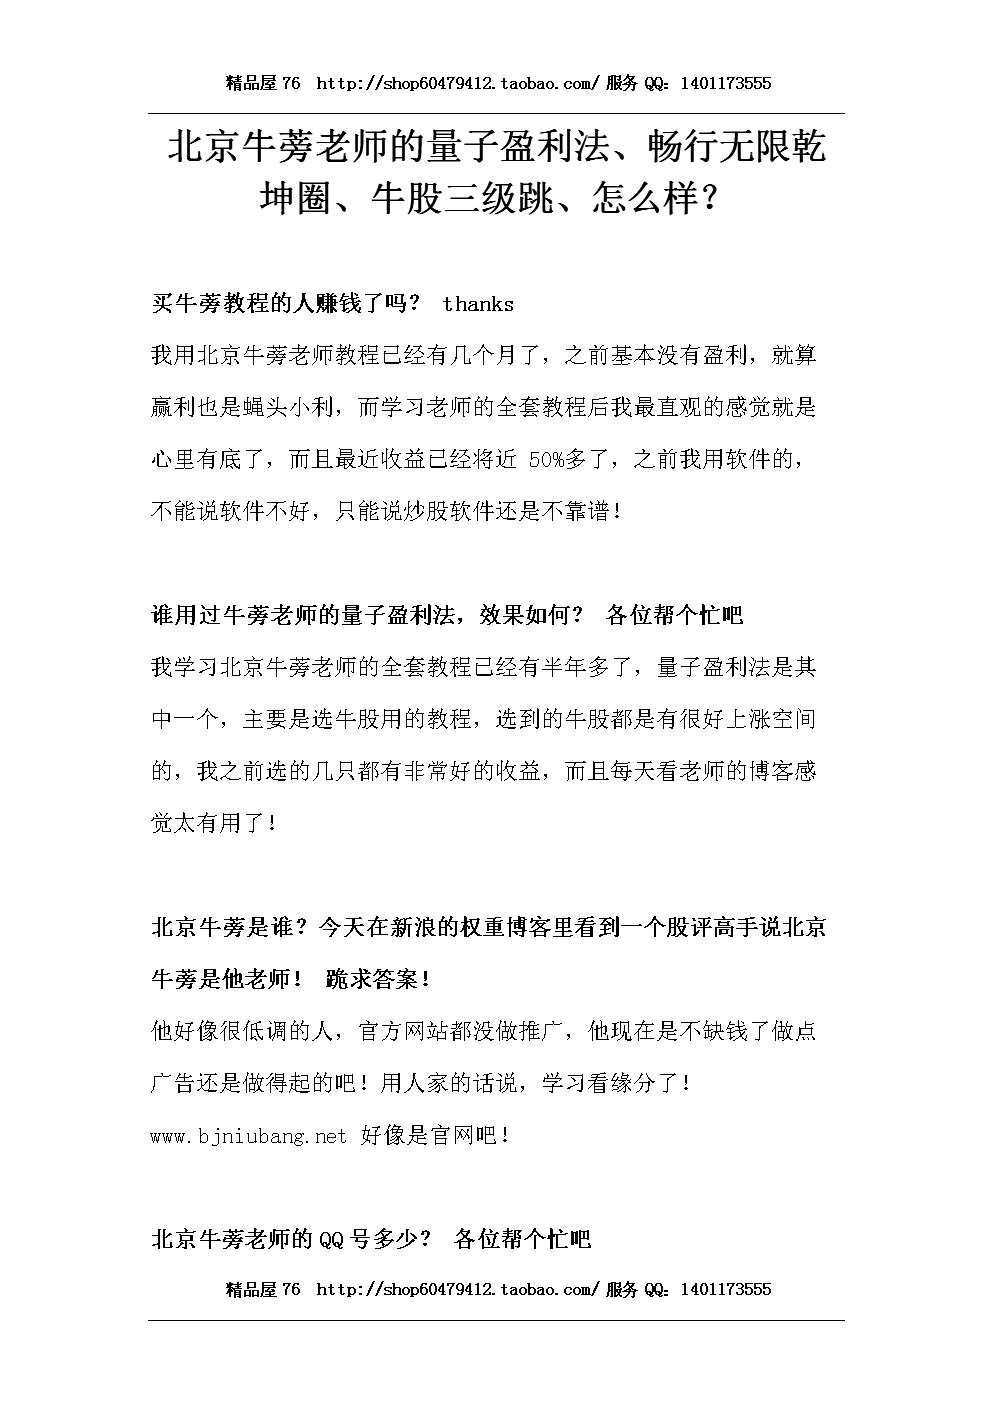 牛蒡老师量子盈利法、畅行无限乾坤圈、牛股三级跳全部资料.doc